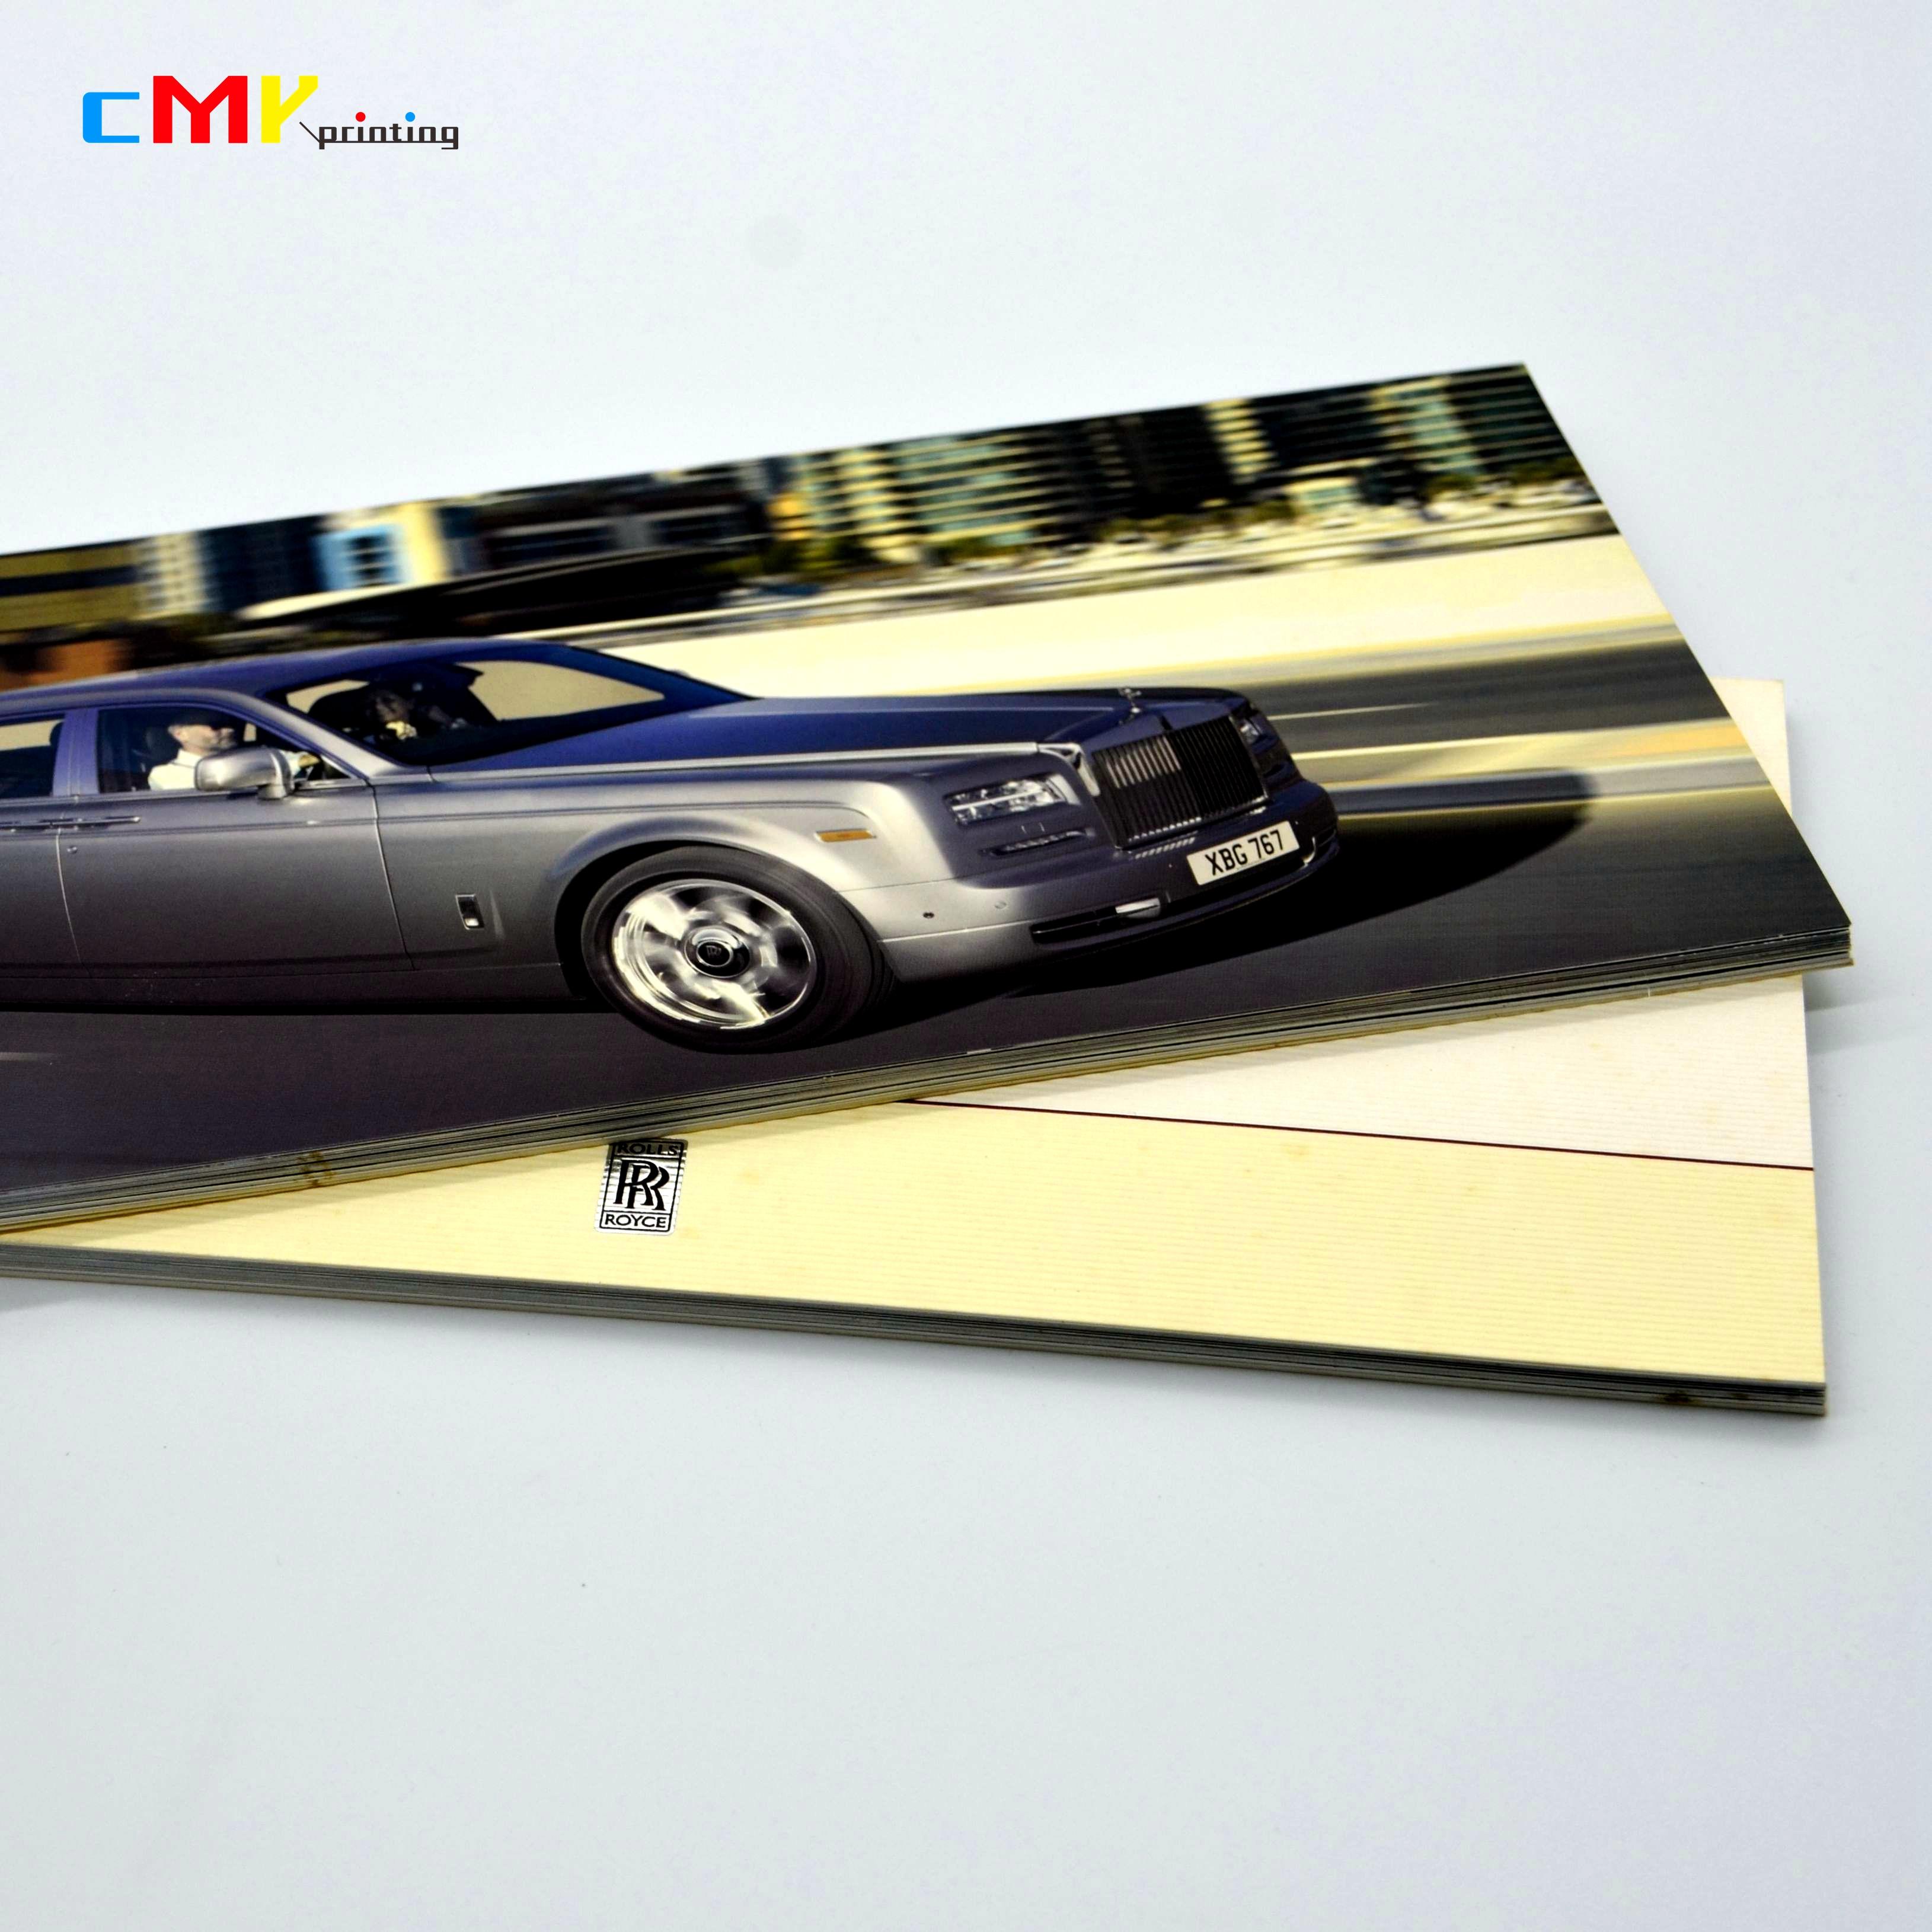 劳斯莱斯幻影汽车宣传/摄影画册宣传册印刷